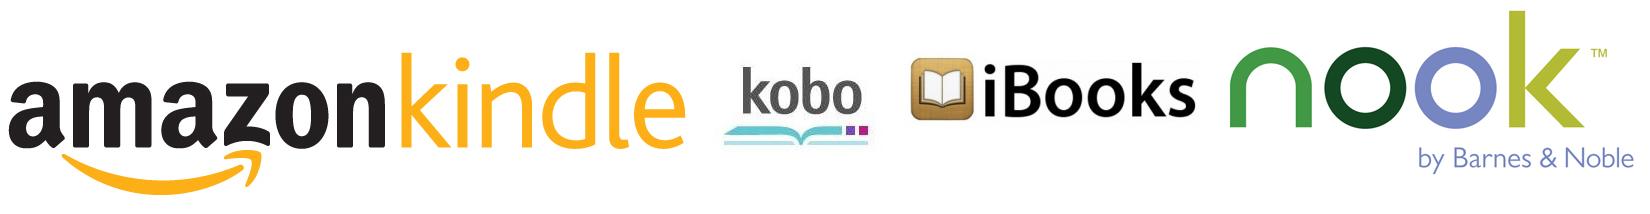 ebook logos.png